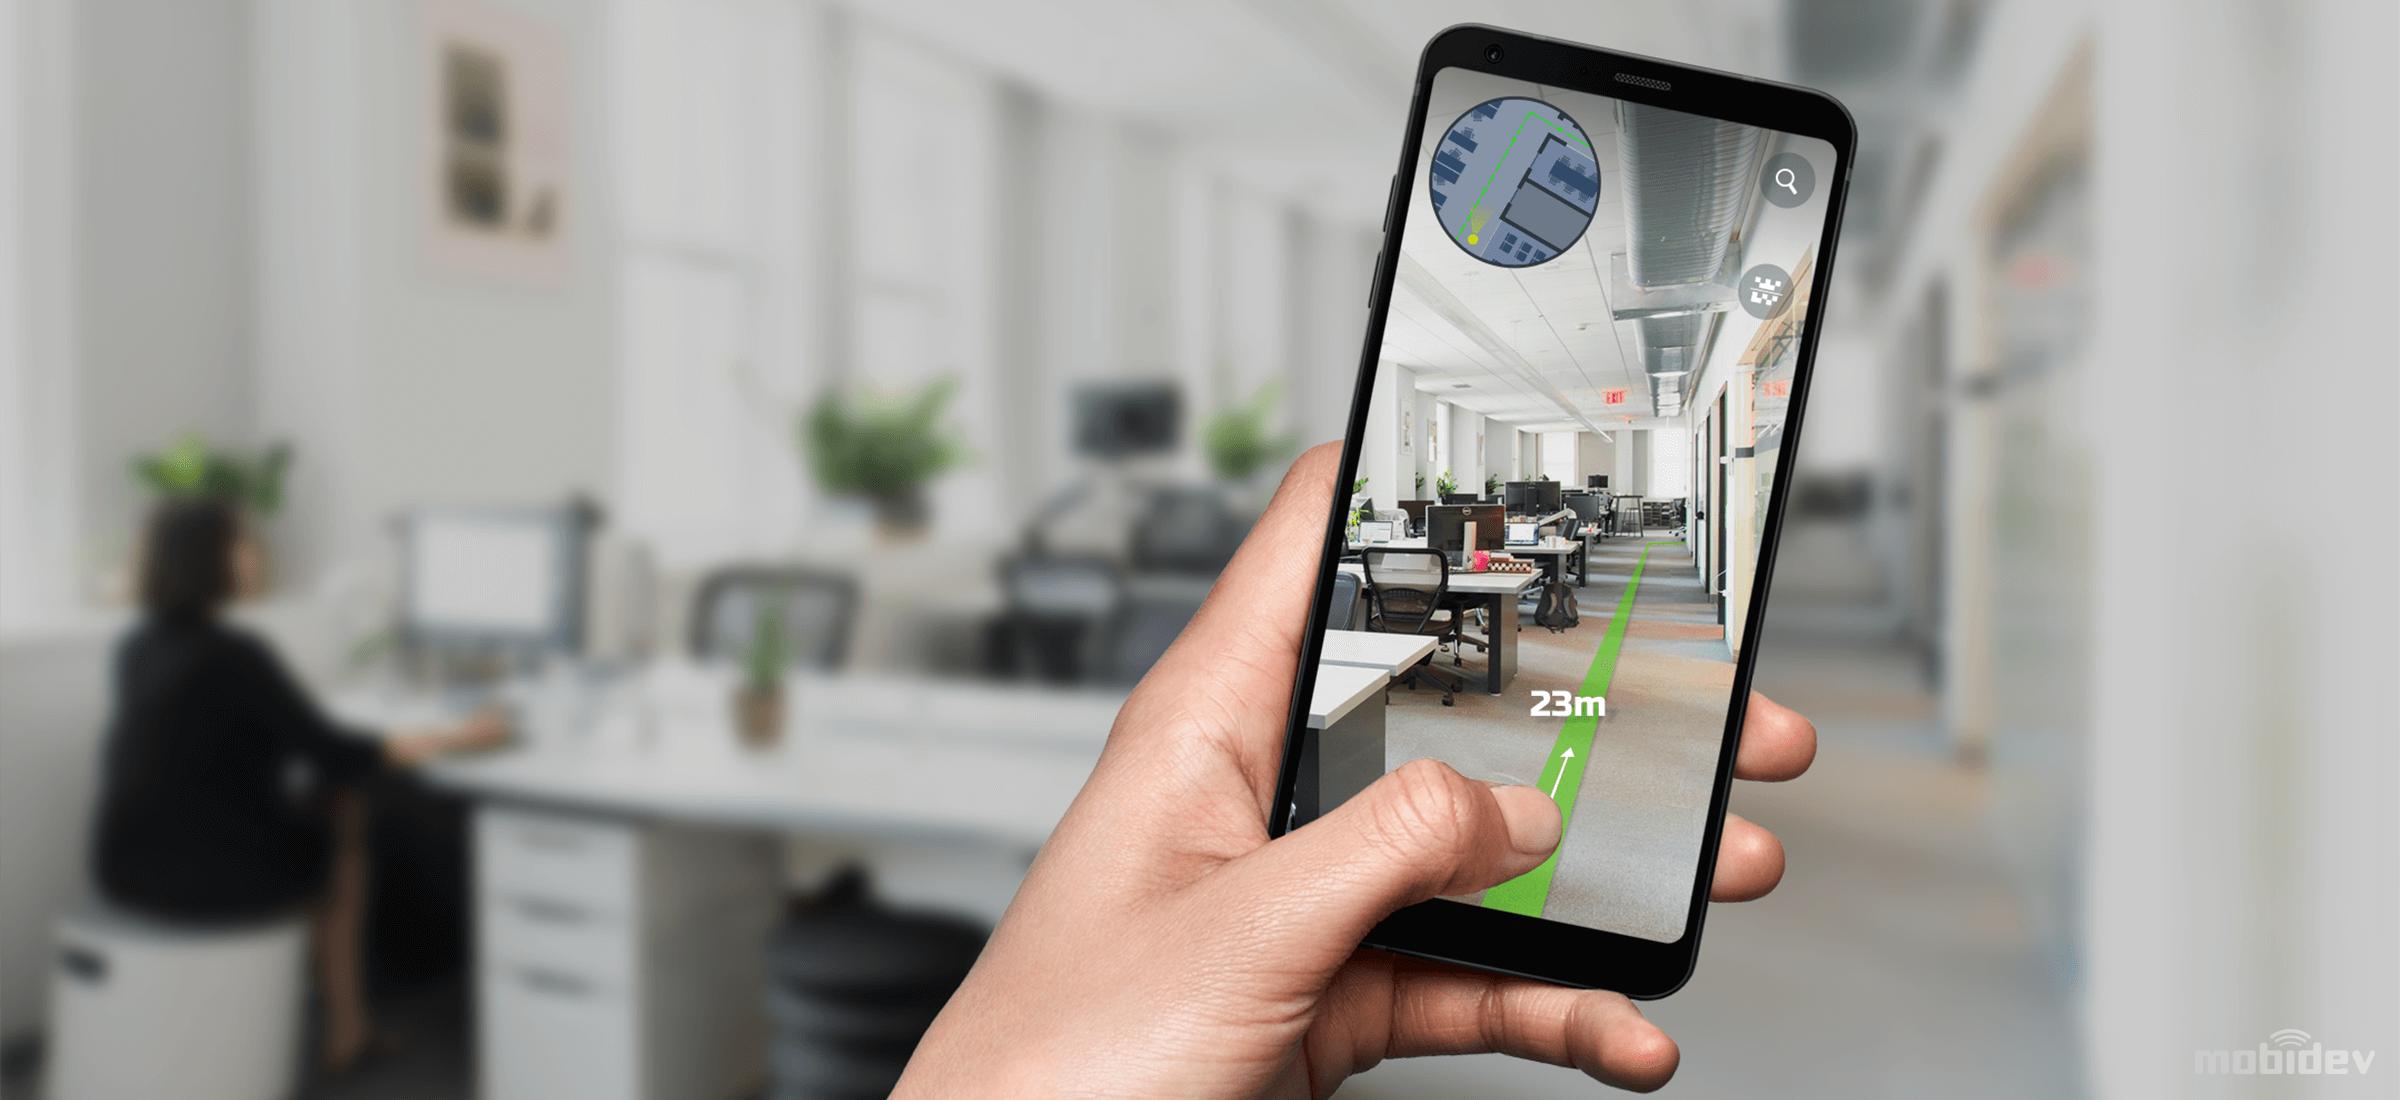 ARKit-based Indoor Navigation Demo